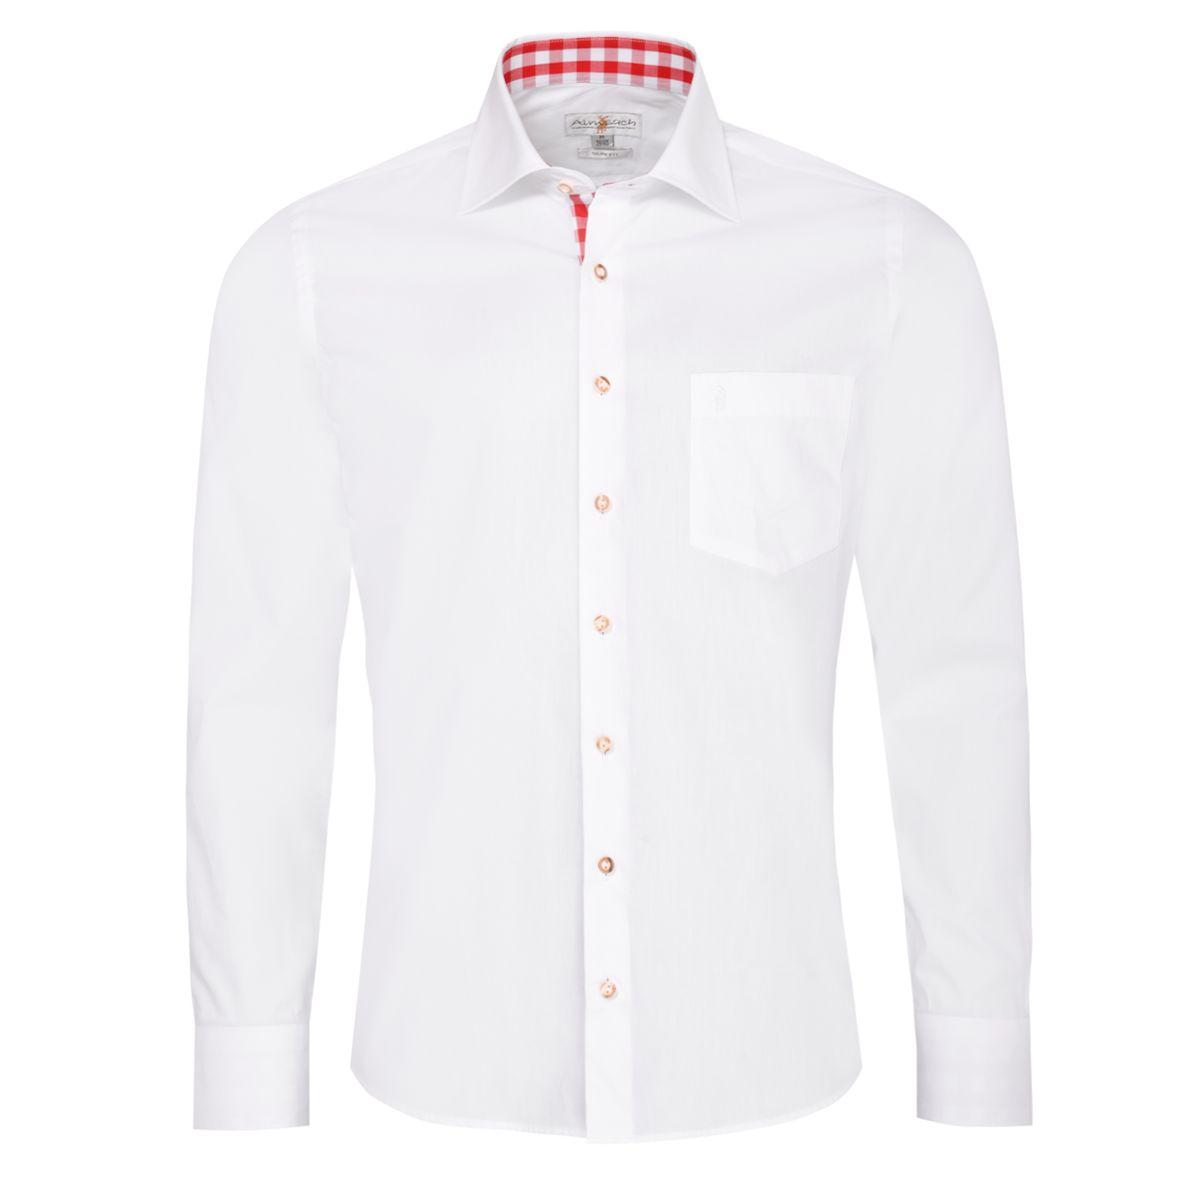 Trachtenhemd Dennis Slim Fit in Weiß und Rot von Almsach günstig online kaufen